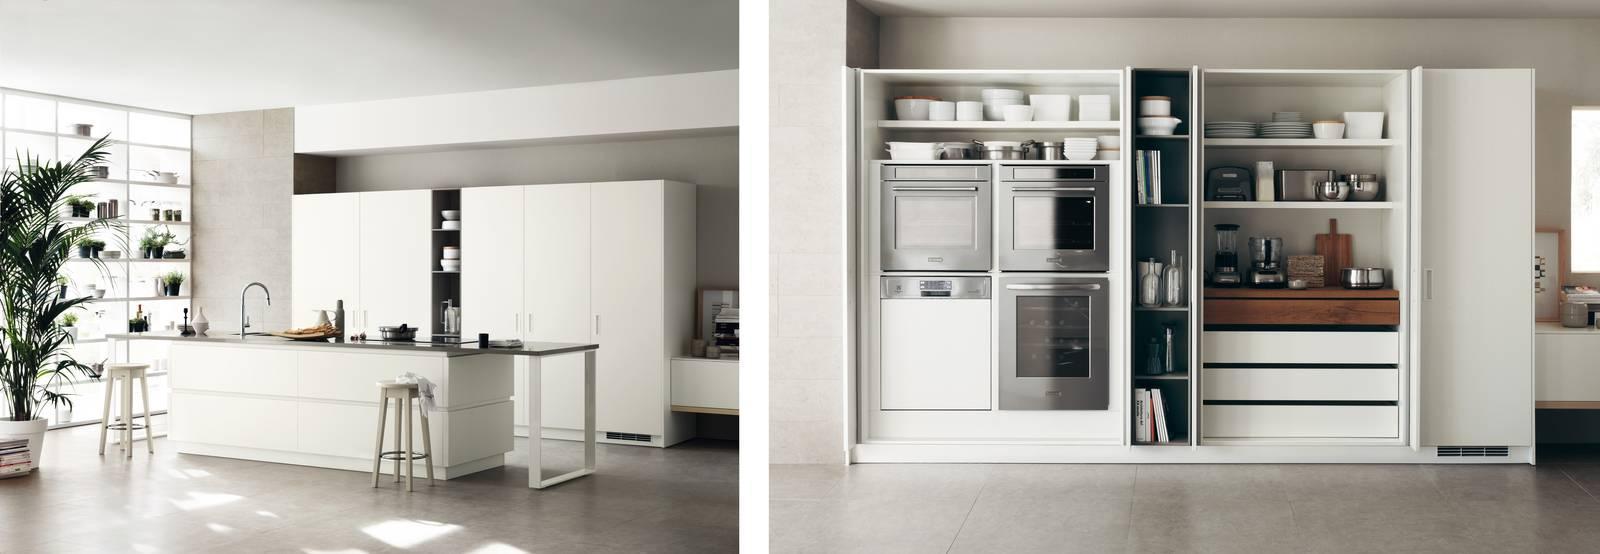 Cucine con soluzioni salvaspazio: dal piano estraibile alle ...